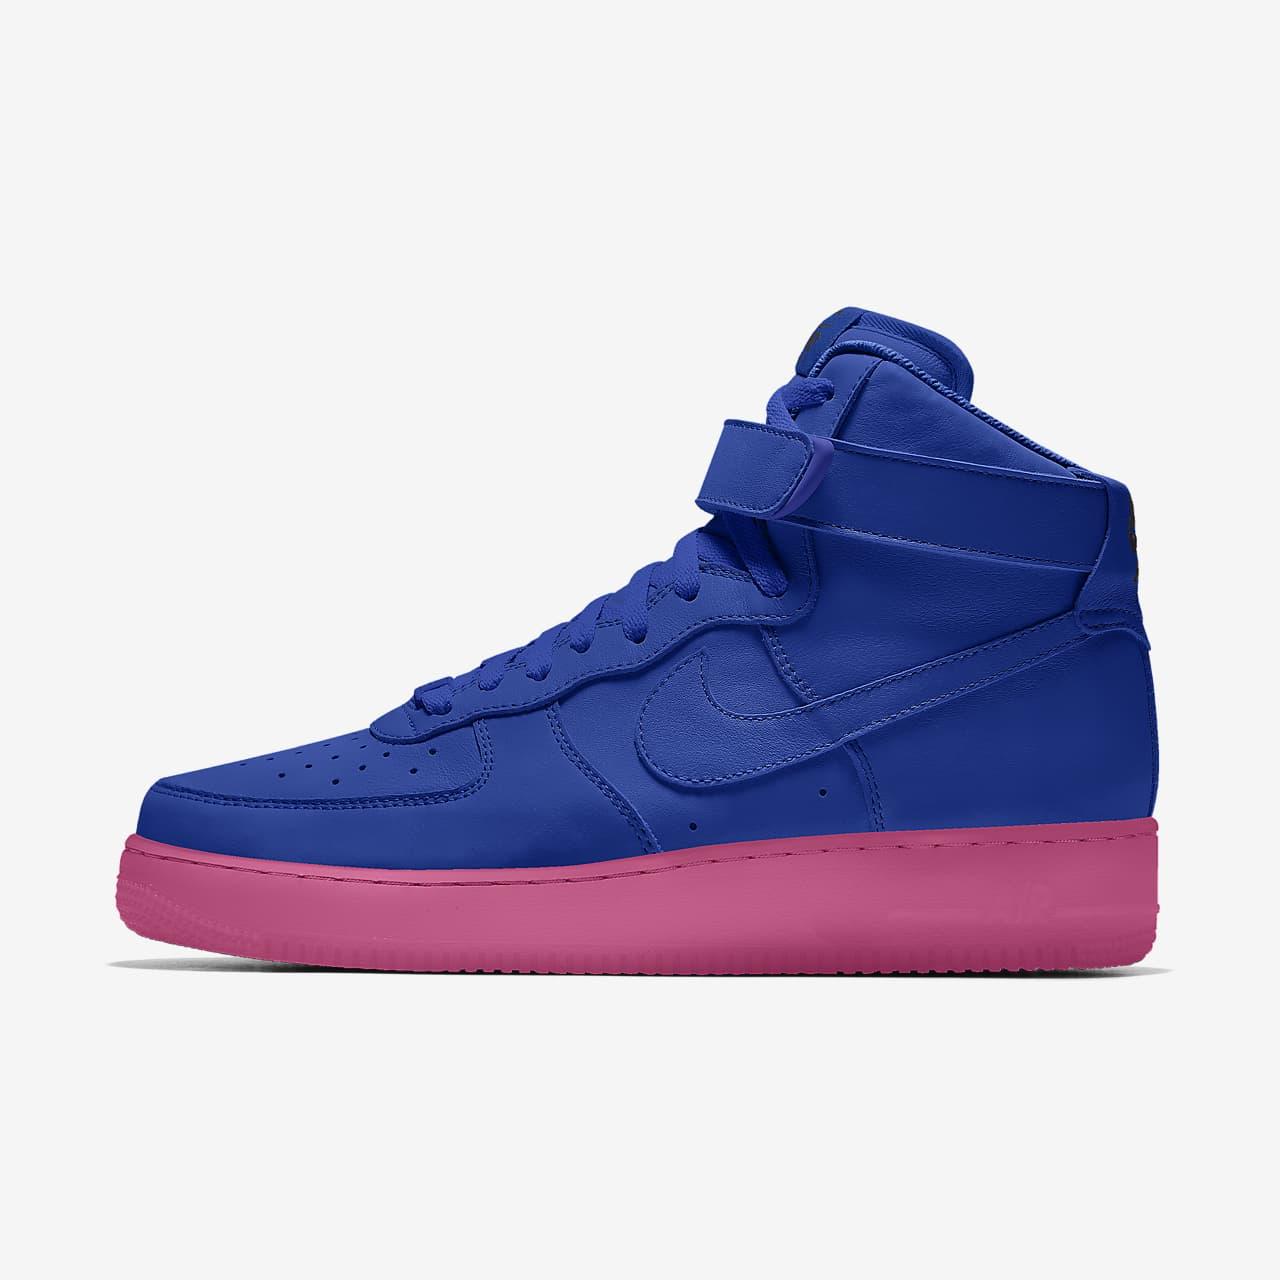 Nike Air Force 1 High By You Custom-sko til kvinder